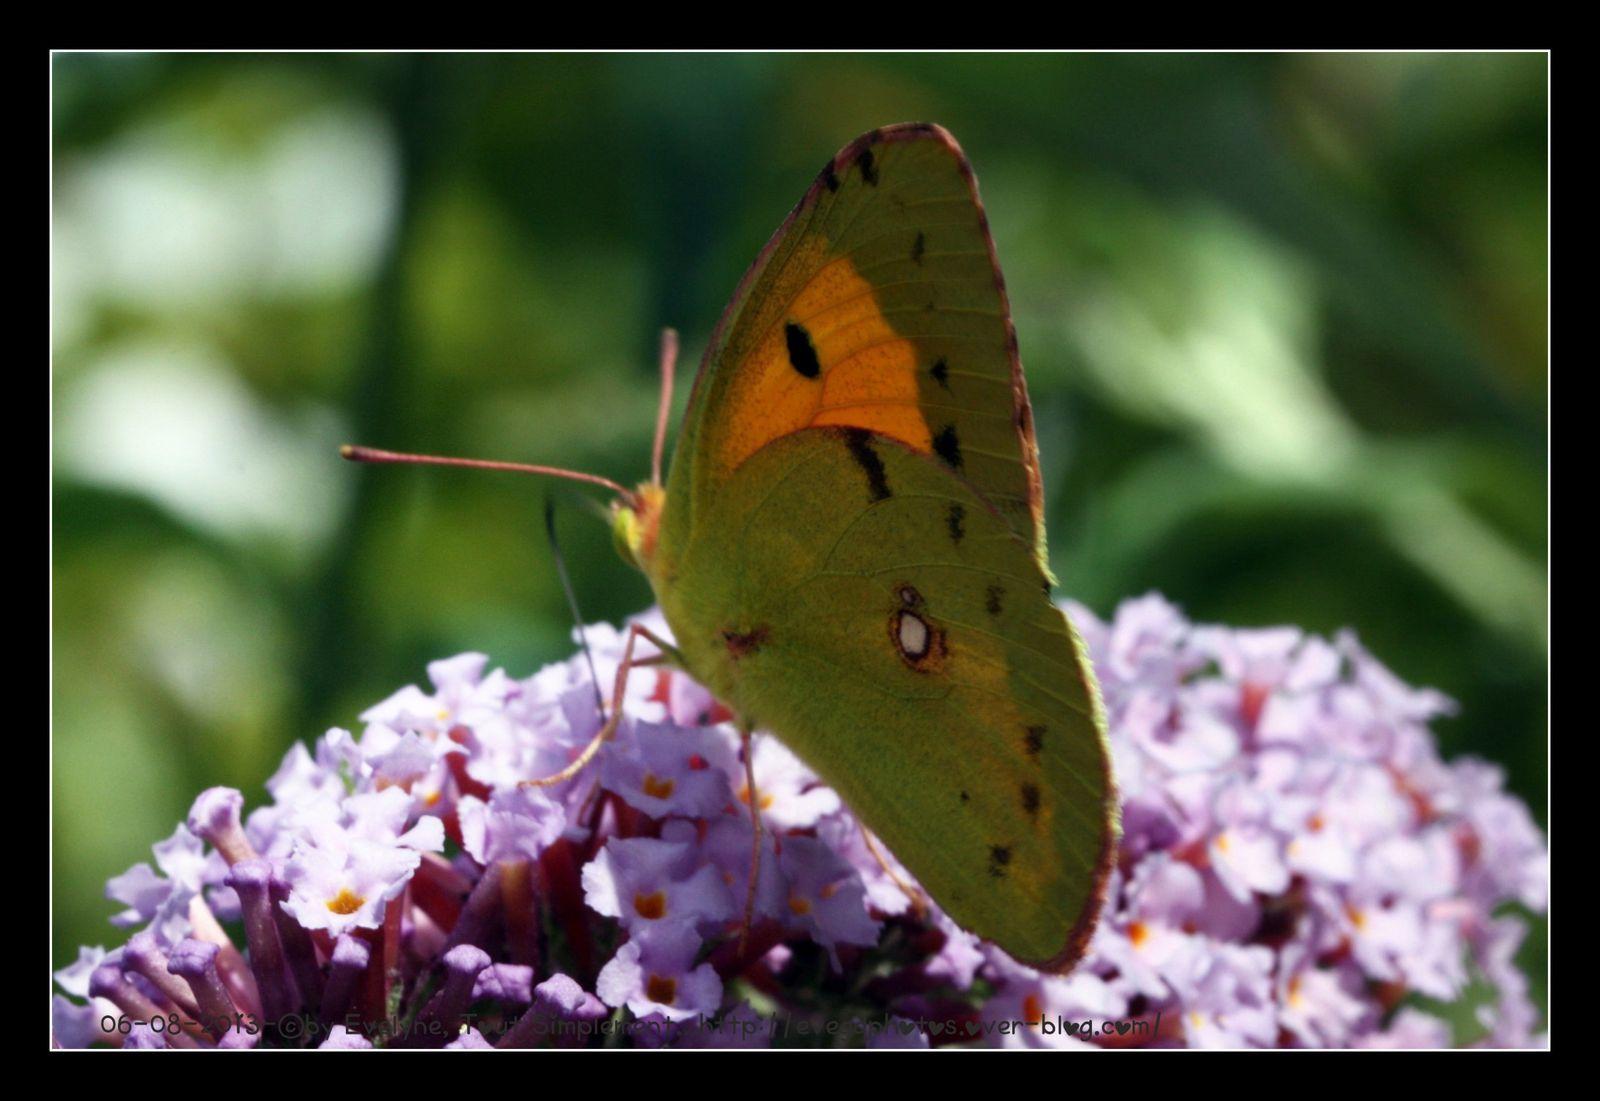 Un Fluoré - que je n'ai pas pu approcher plus pour des photos plus nettes.. D'autres photos de papillons sur mon blog Wordpress